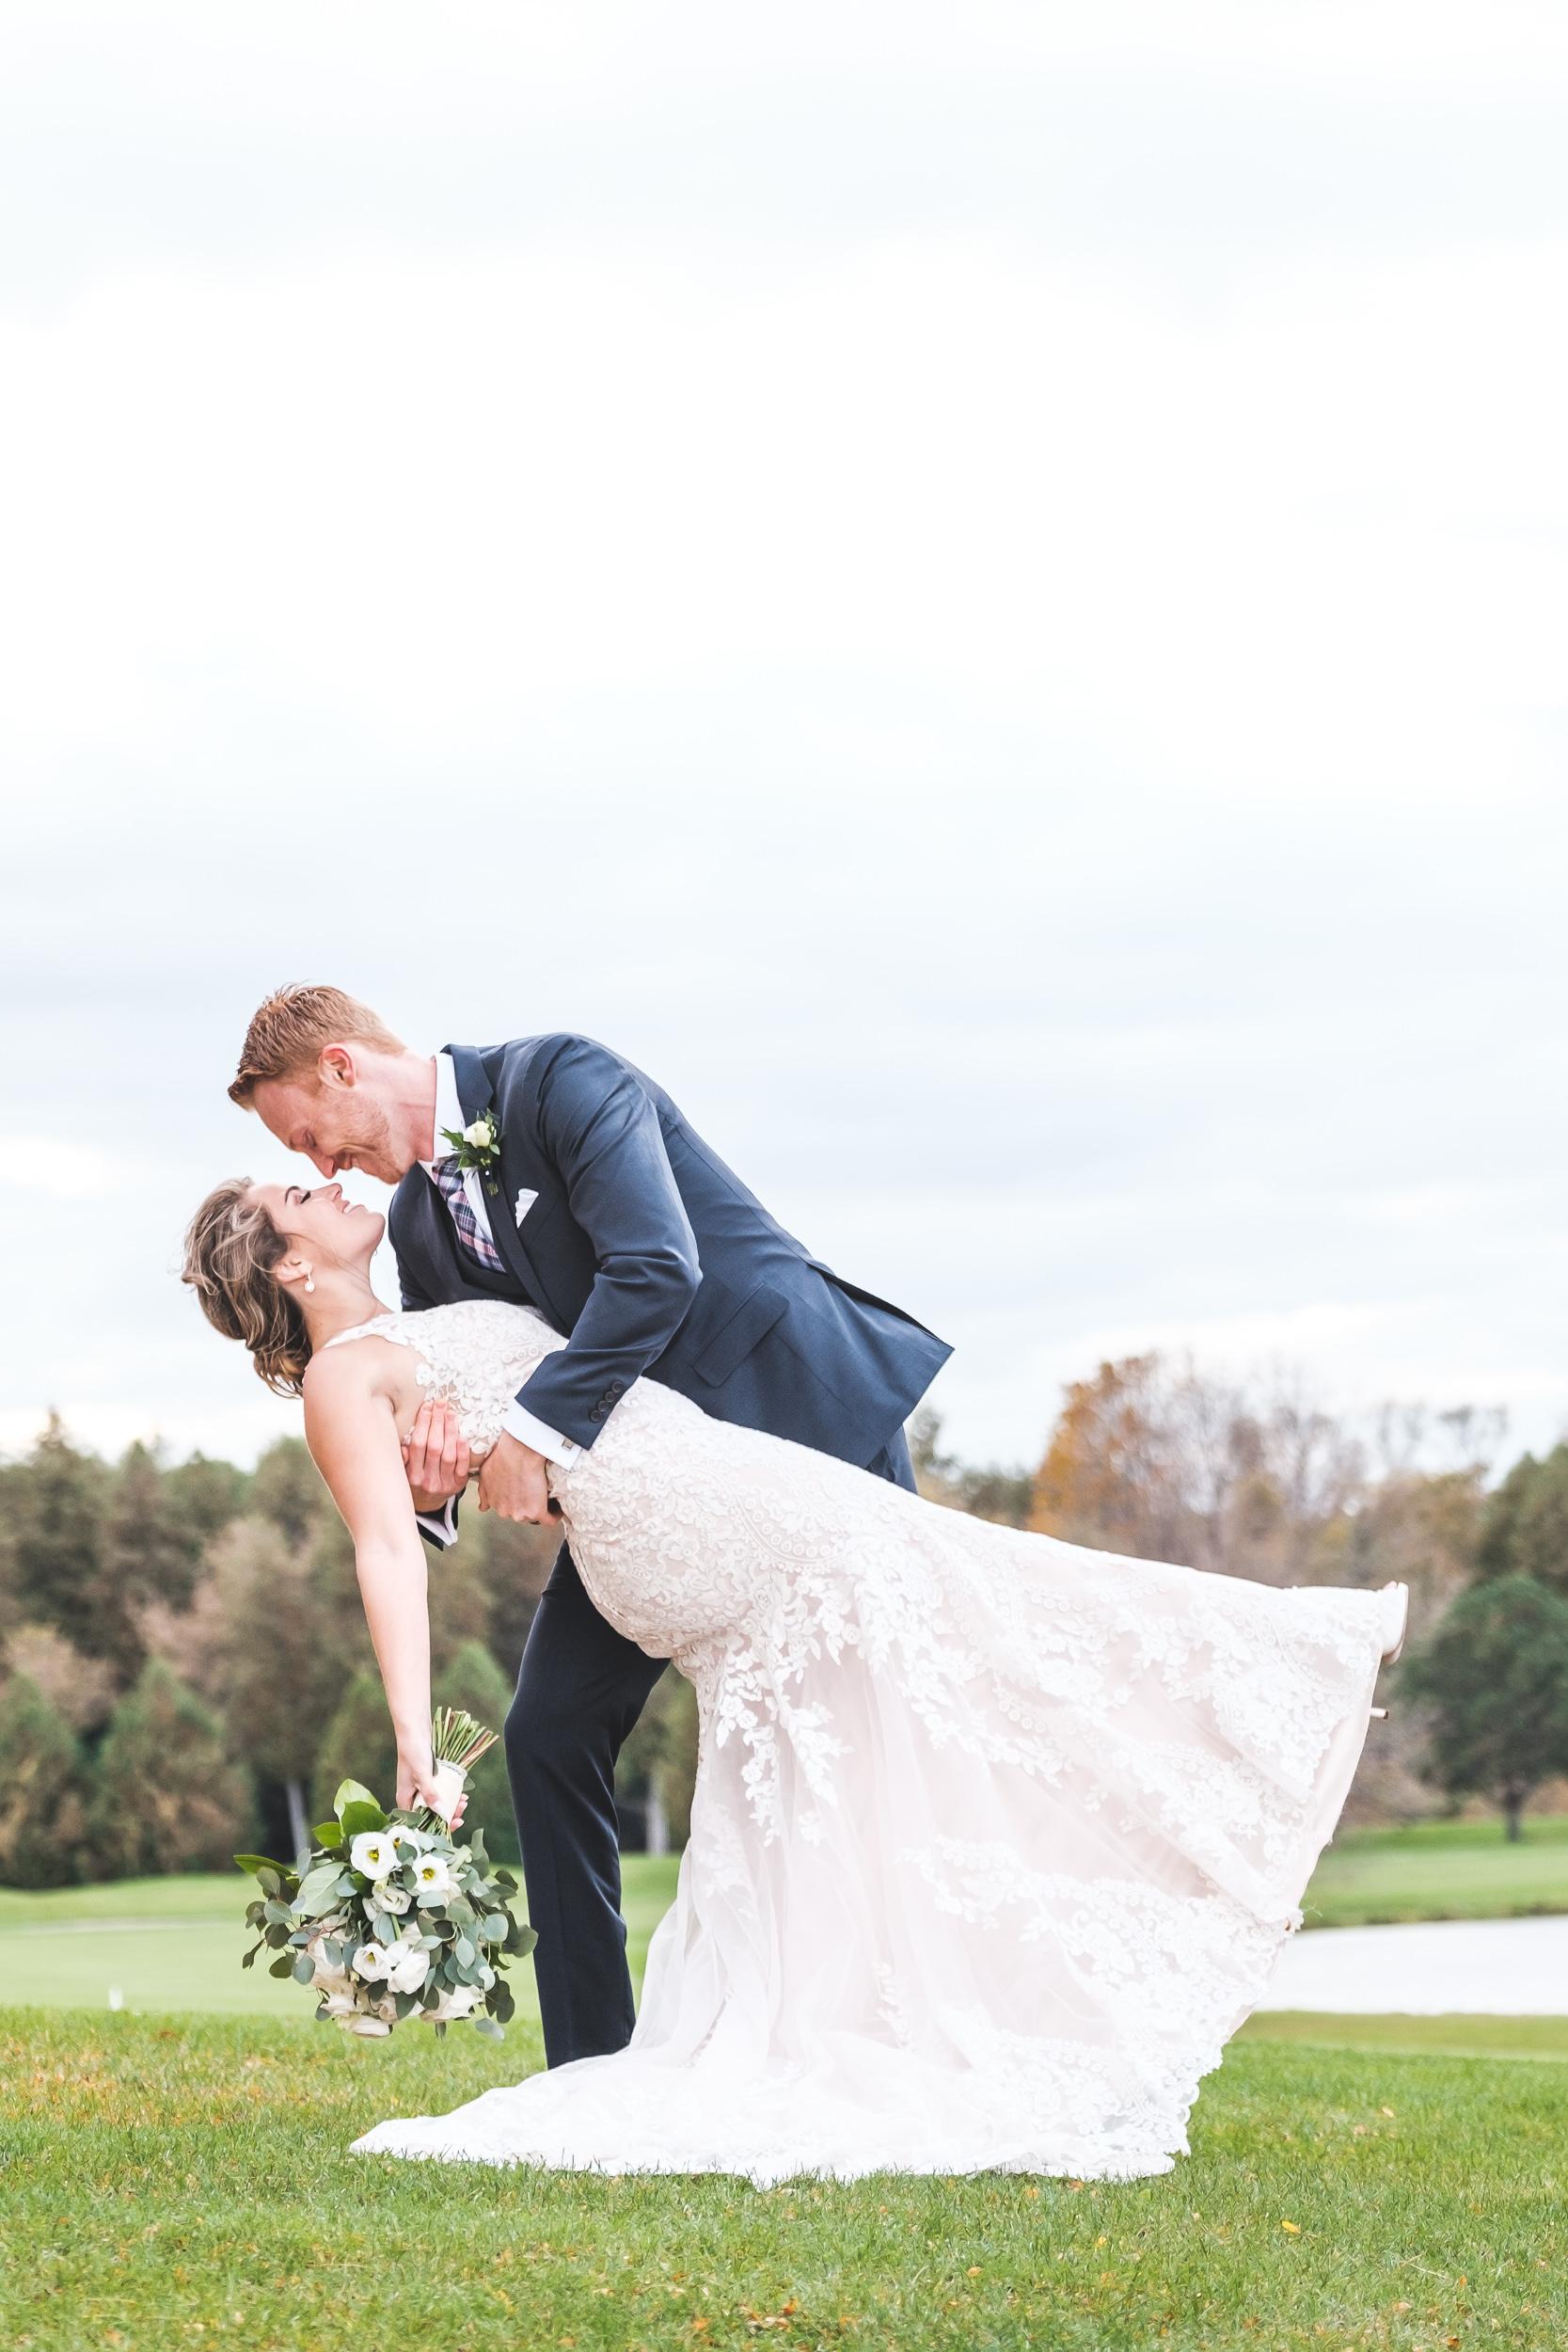 FumioWeddings - Real Weddings-21.jpg